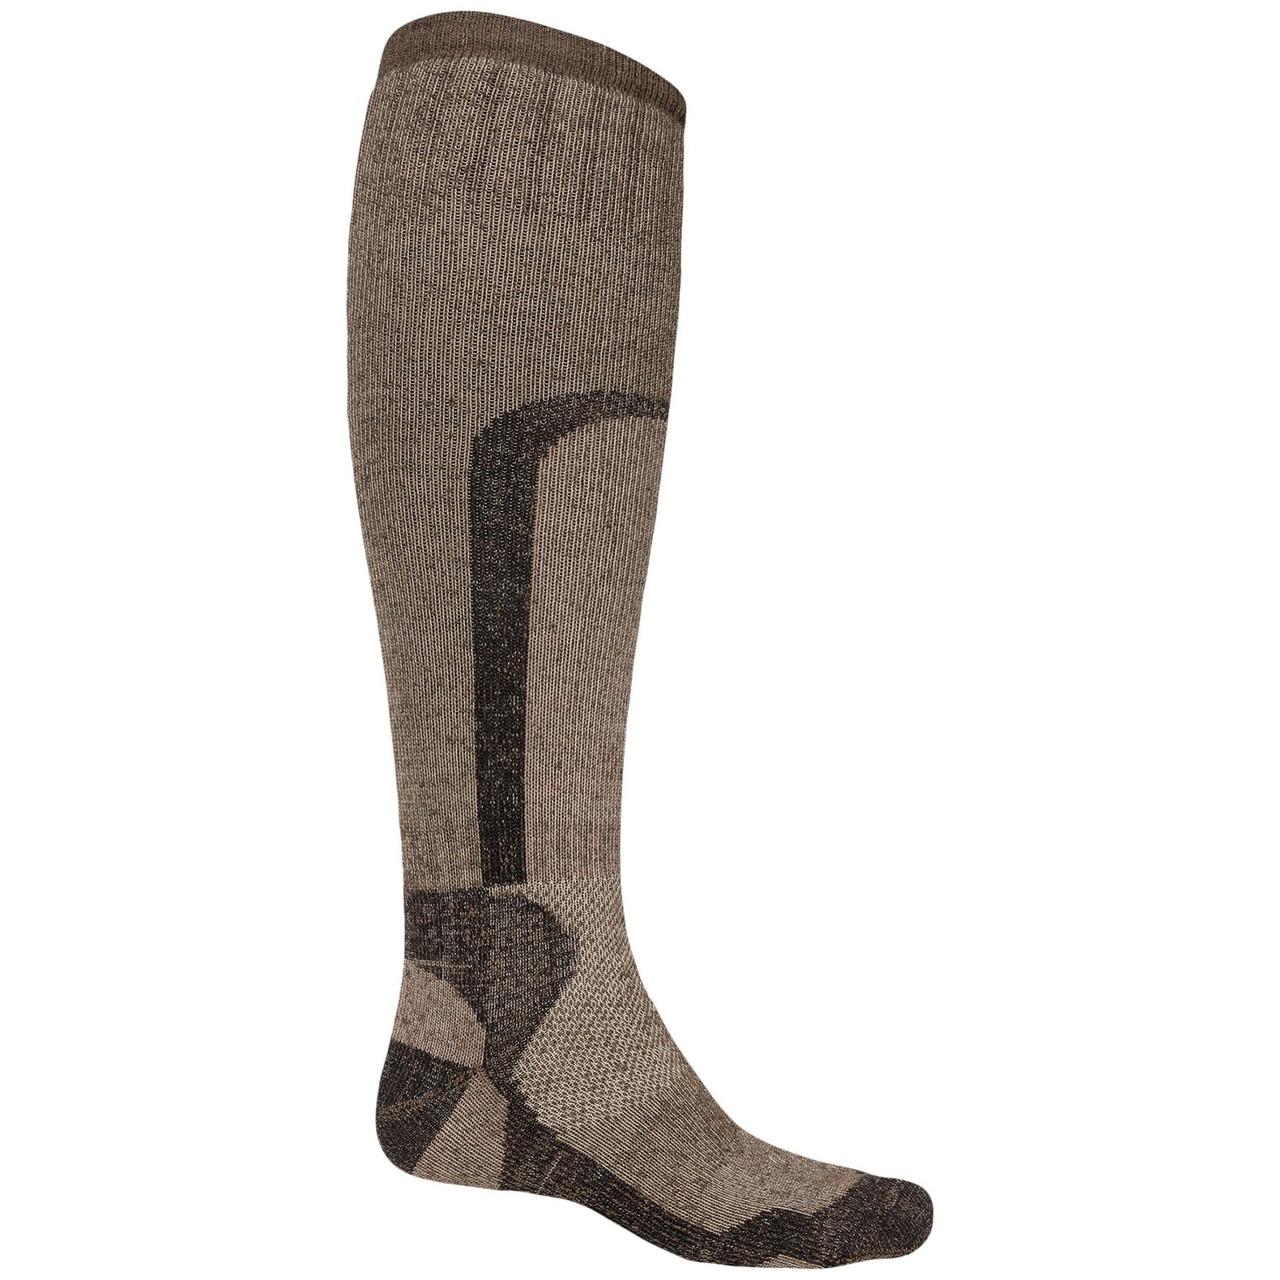 Термоноски Lorpen HAC (Super Heavy Hunting Socks)  продажа 01c79c5dc05e4